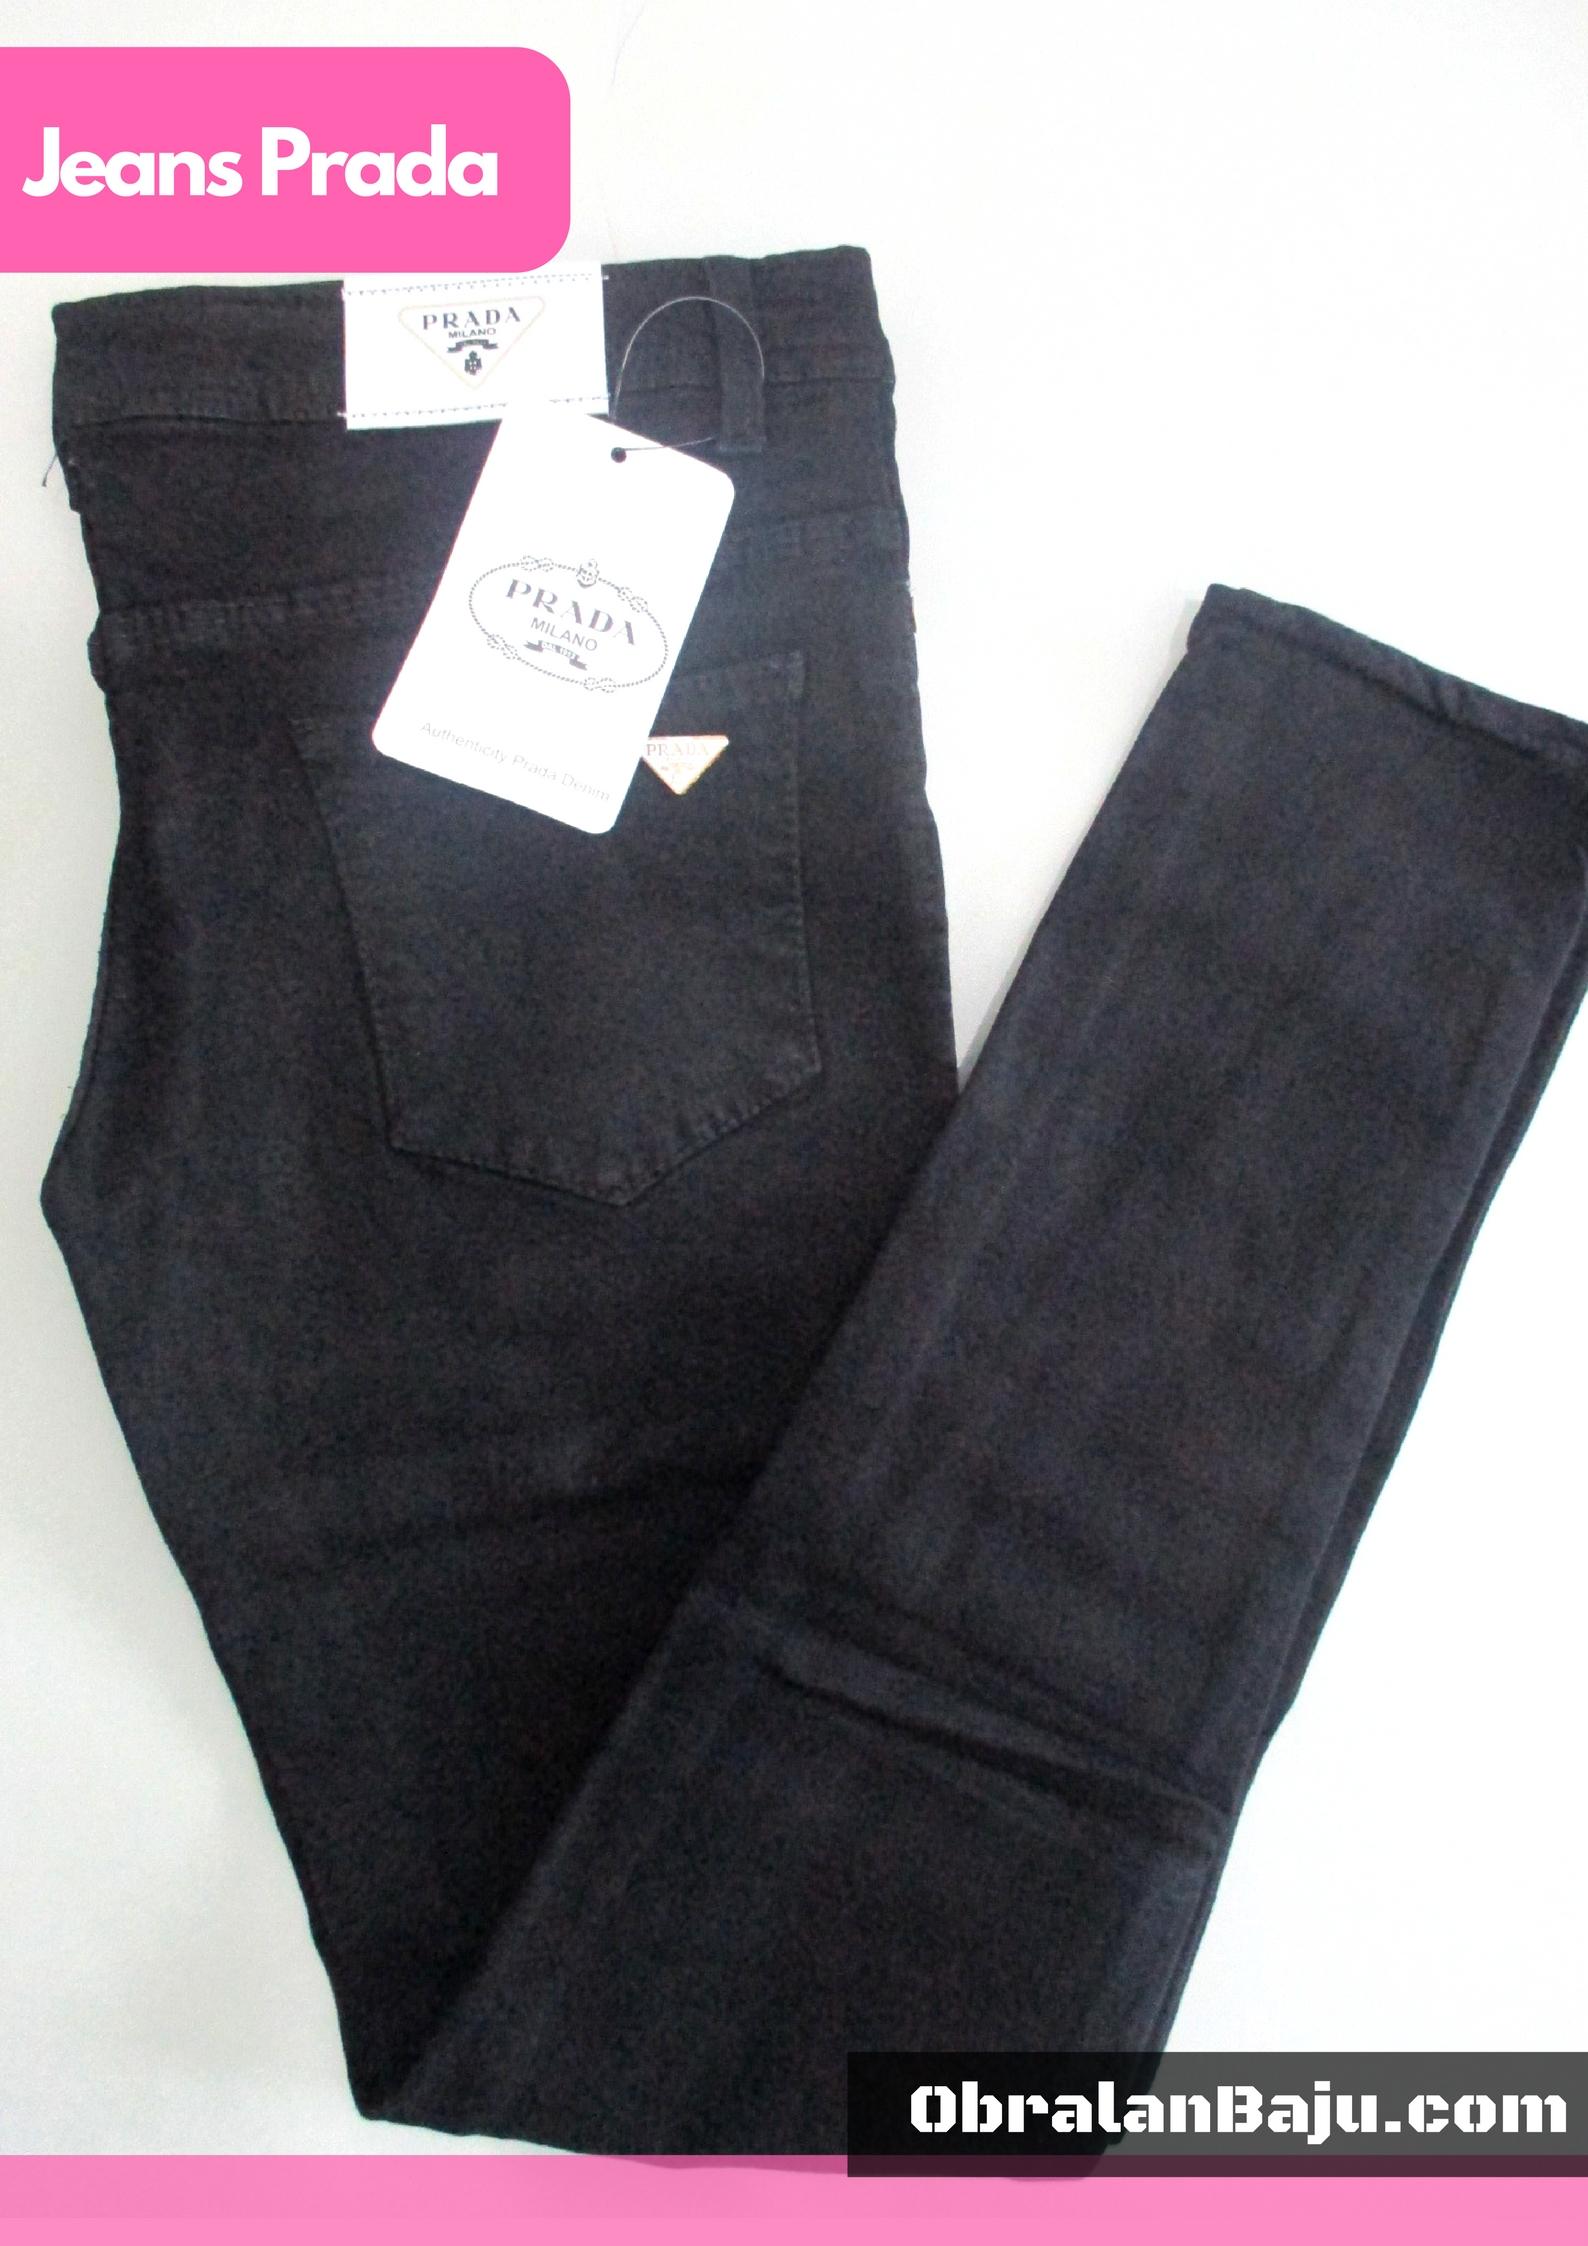 ObralanBaju.com Obral Baju Pakaian Murah Meriah 5000 Jeans Prada